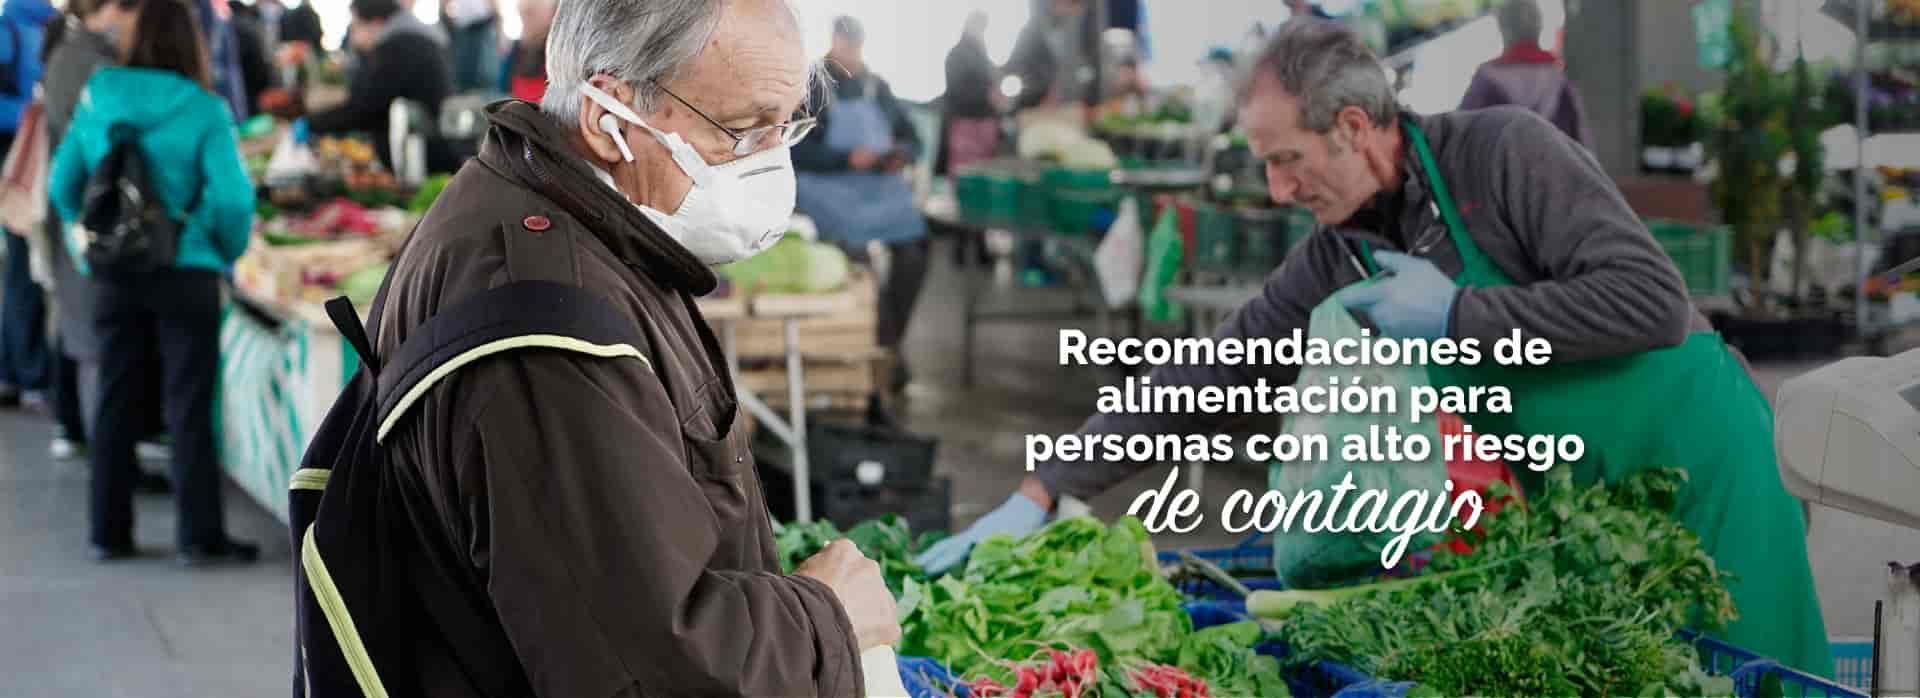 Recomendaciones de alimentación para personas riesgo de covid